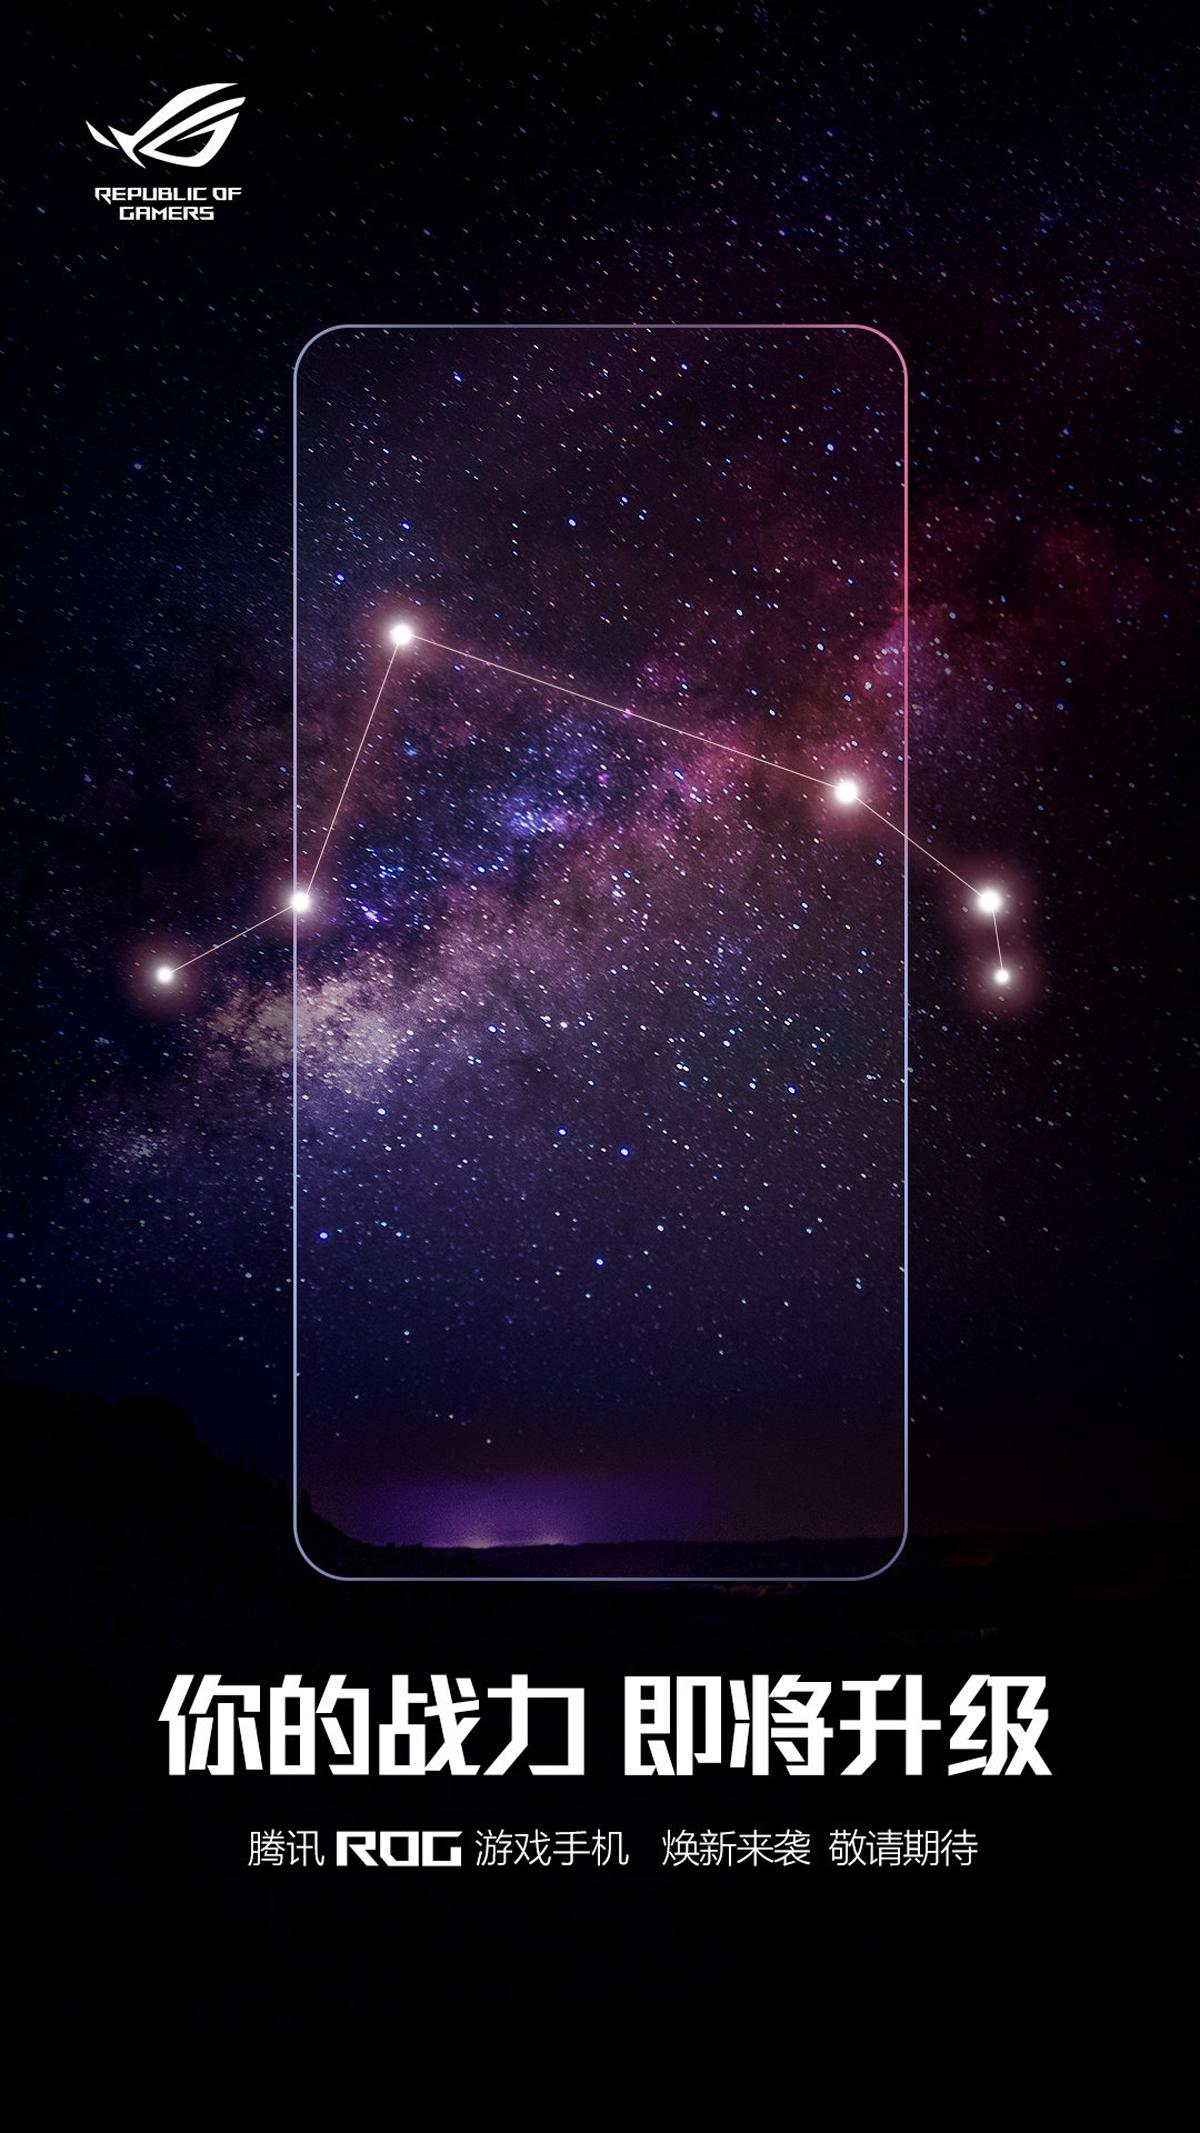 Avance del ASUS ROG Phone 4